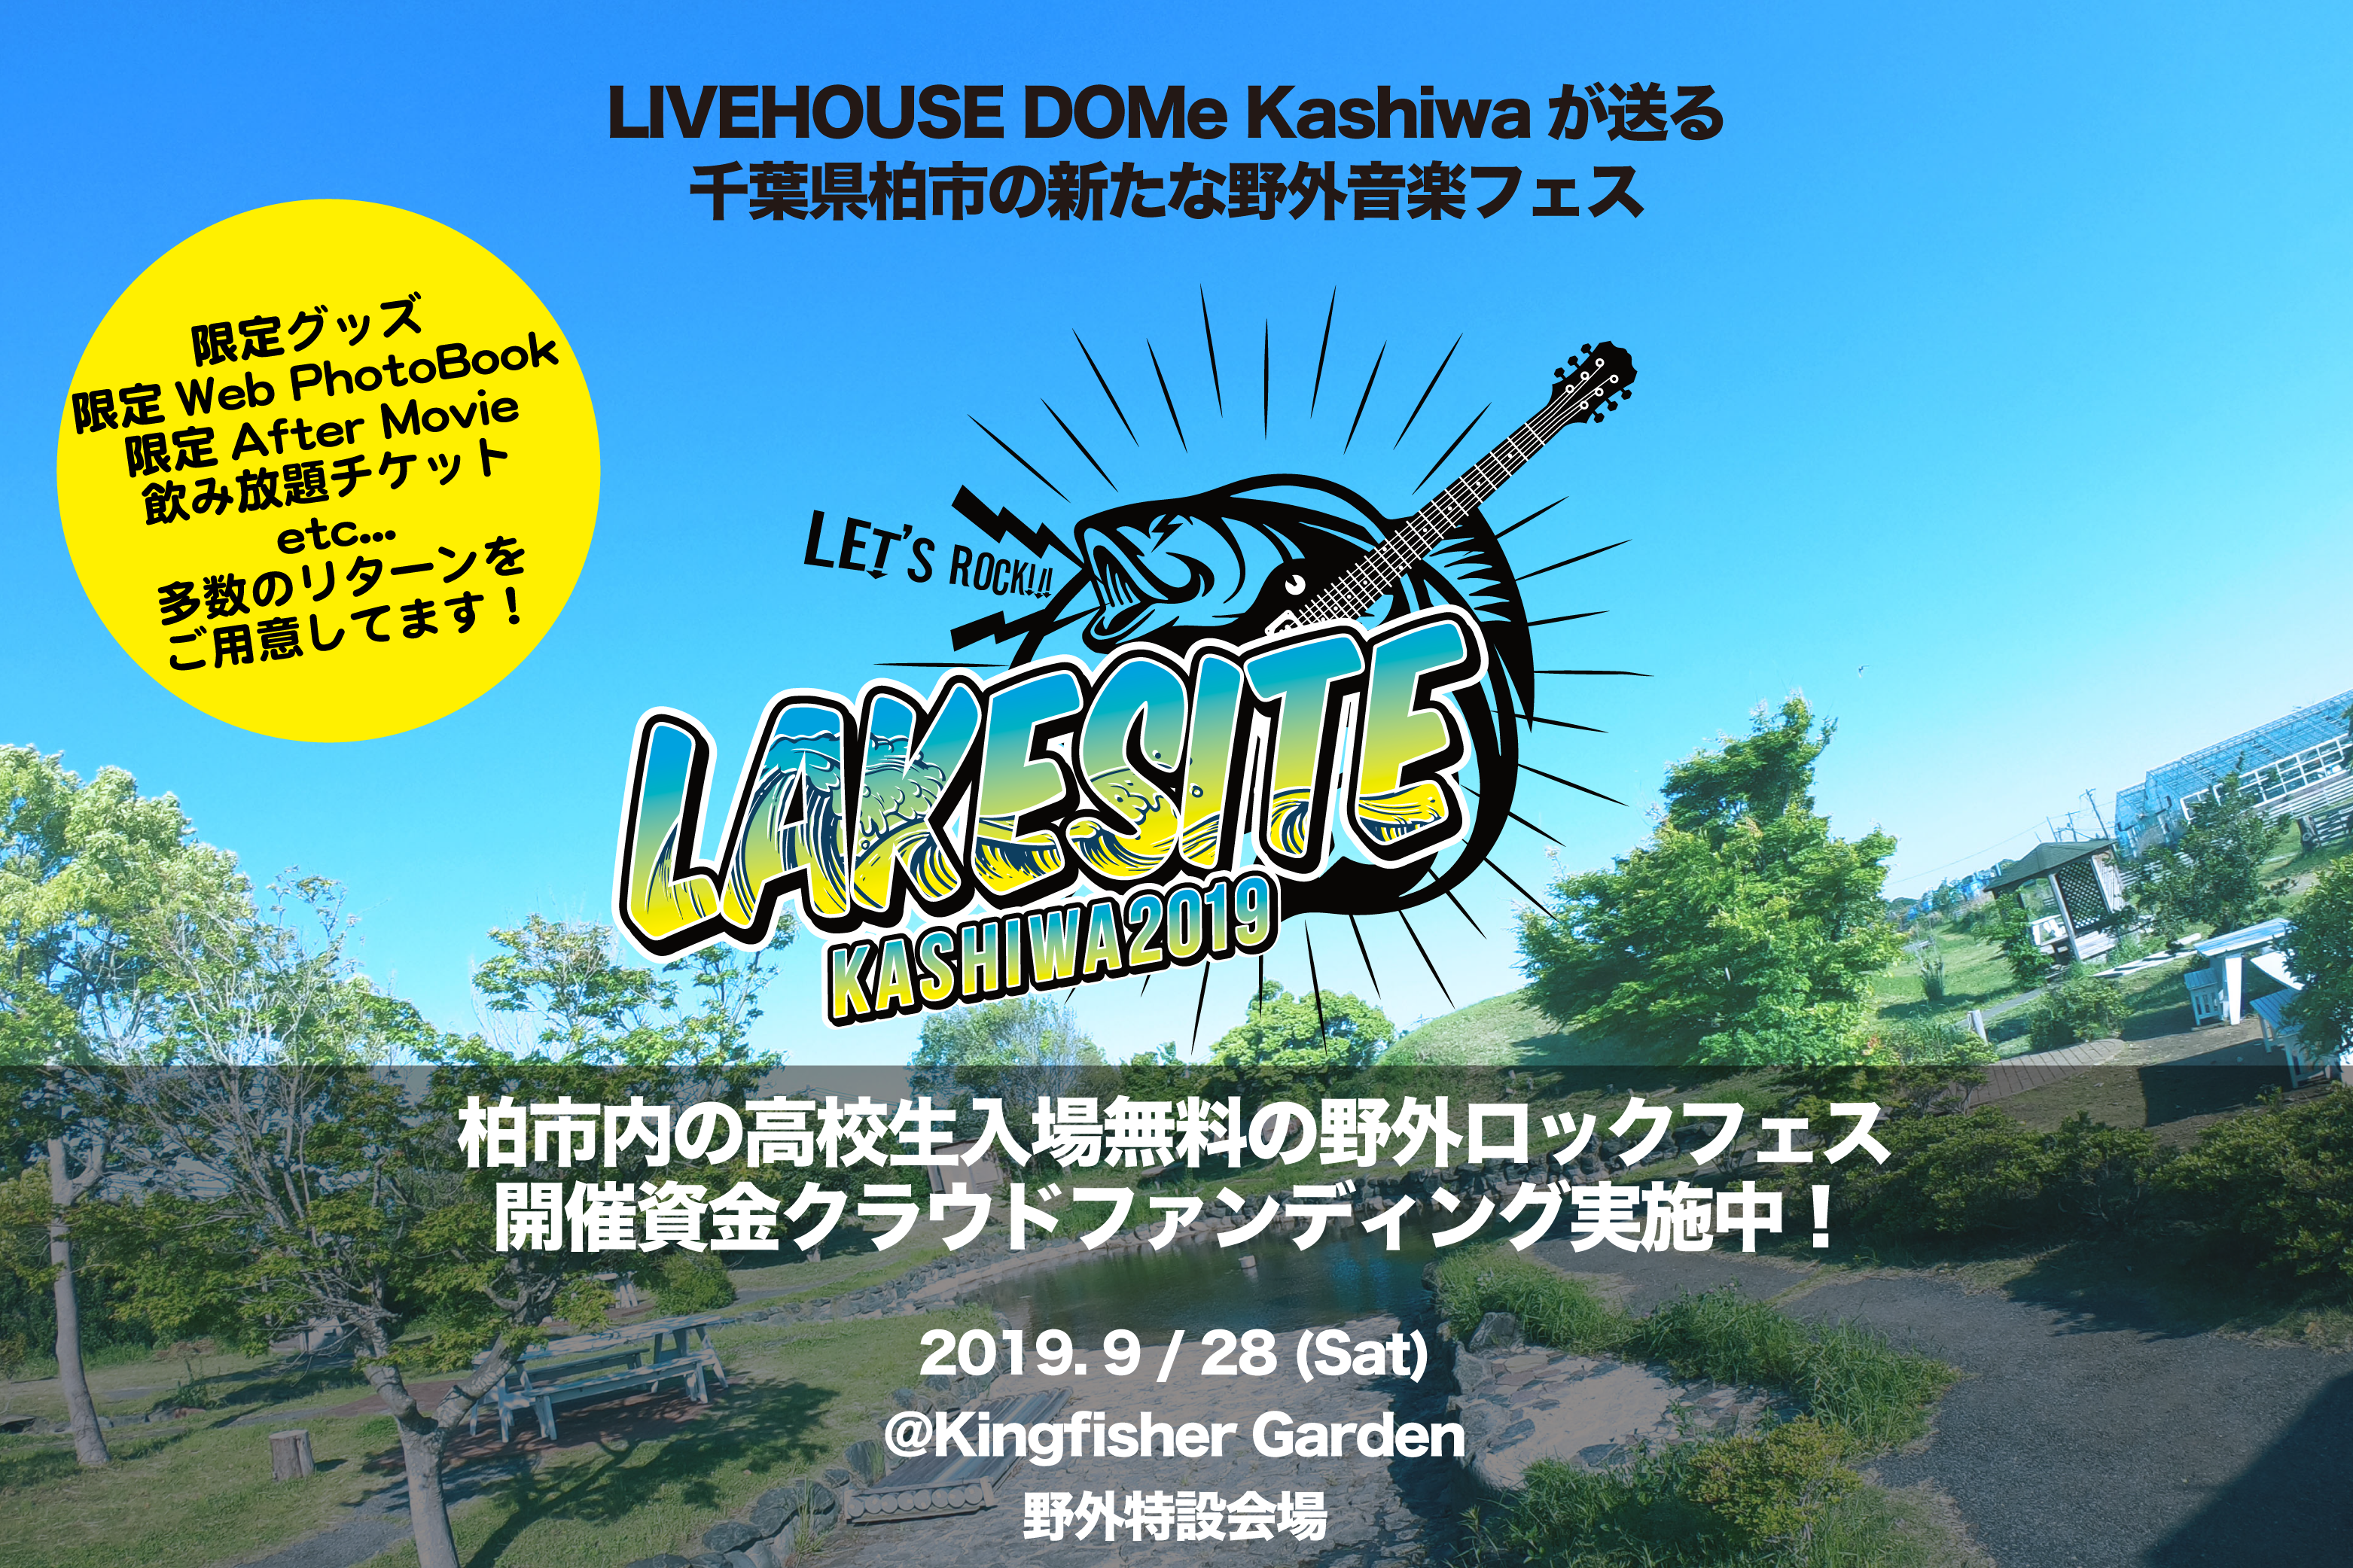 柏で初開催の音楽フェス【LAKESITE KASHIWA】を盛り上げたい!サポーター募集キャンペーン!